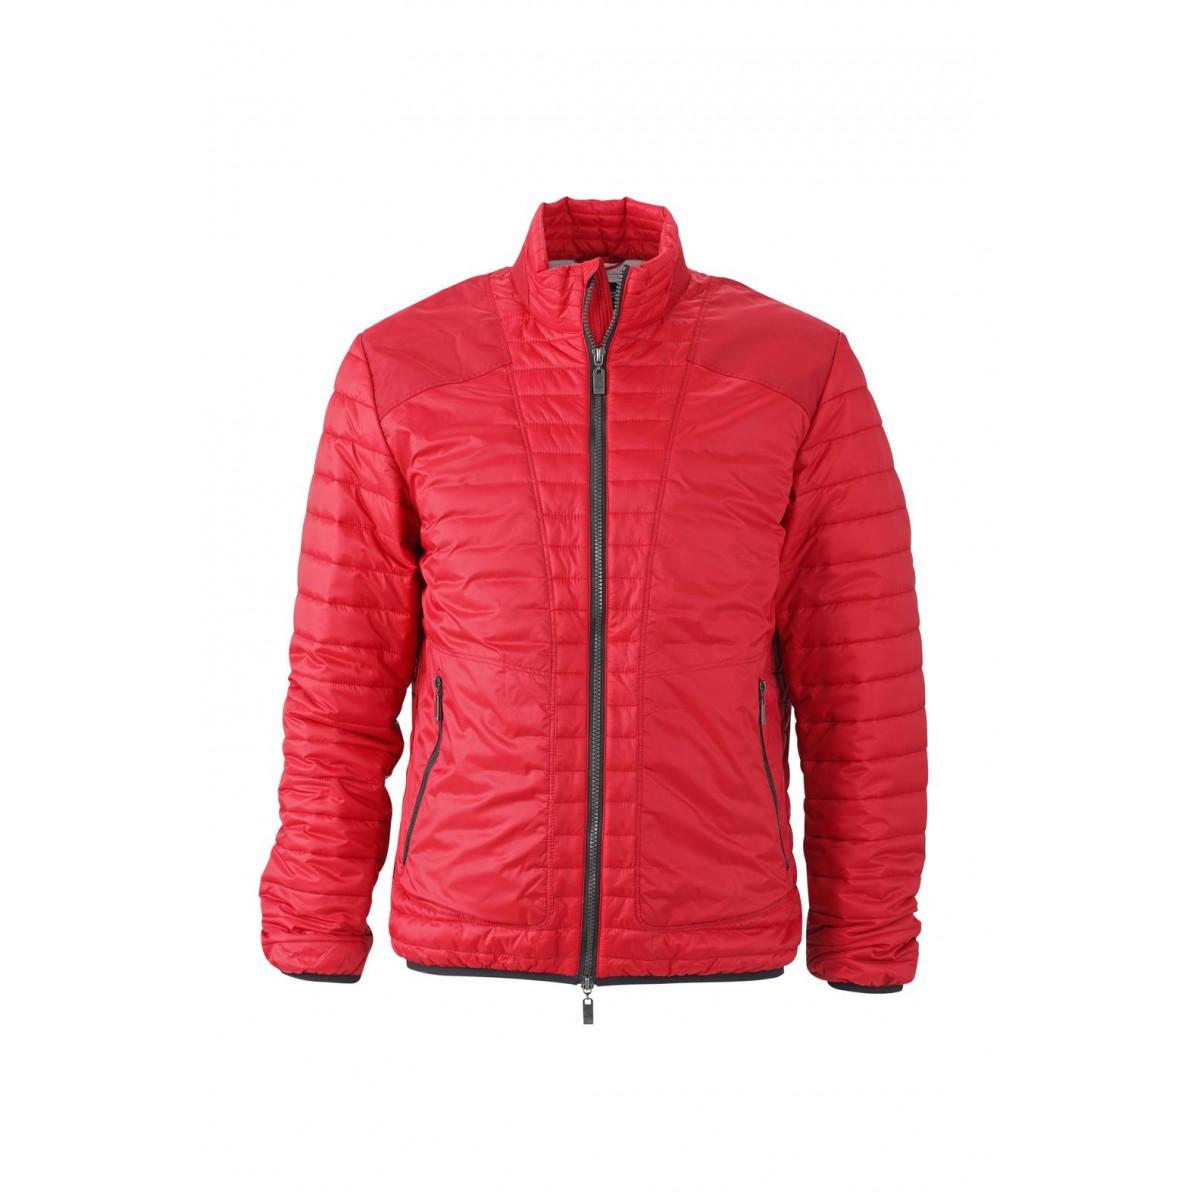 Куртка мужская JN1112 Mens Lightweight Jacket - Ярко-красный/Серебряный